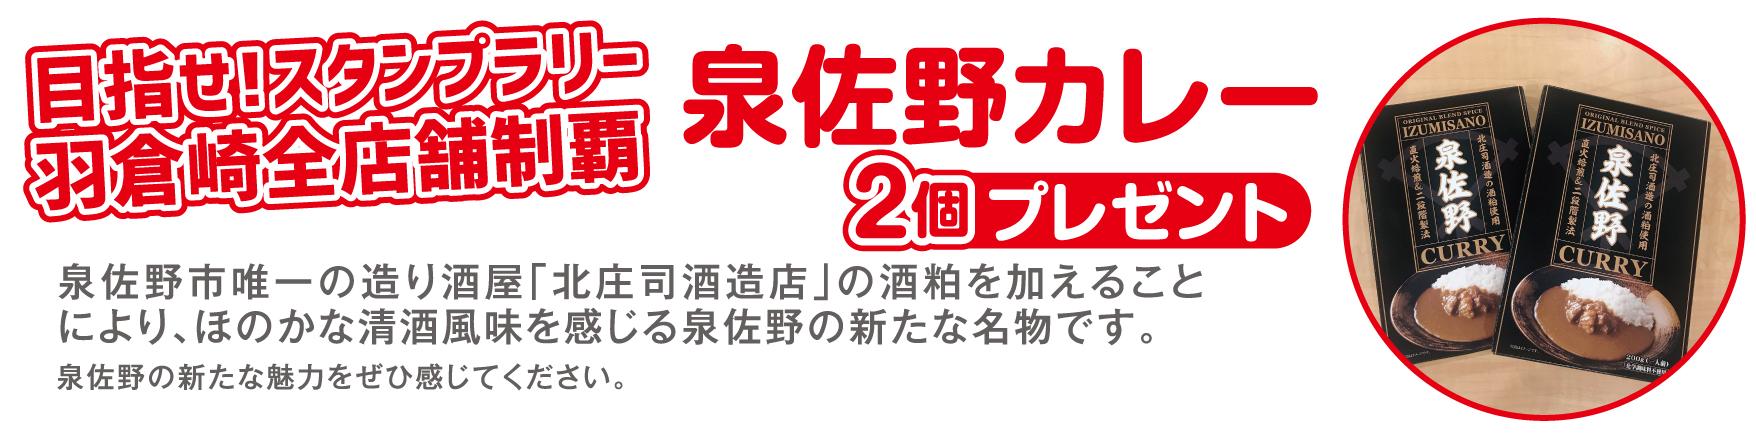 スタンプラリーで羽倉崎全店舗制覇すれば、泉佐野カレー2個プレゼント